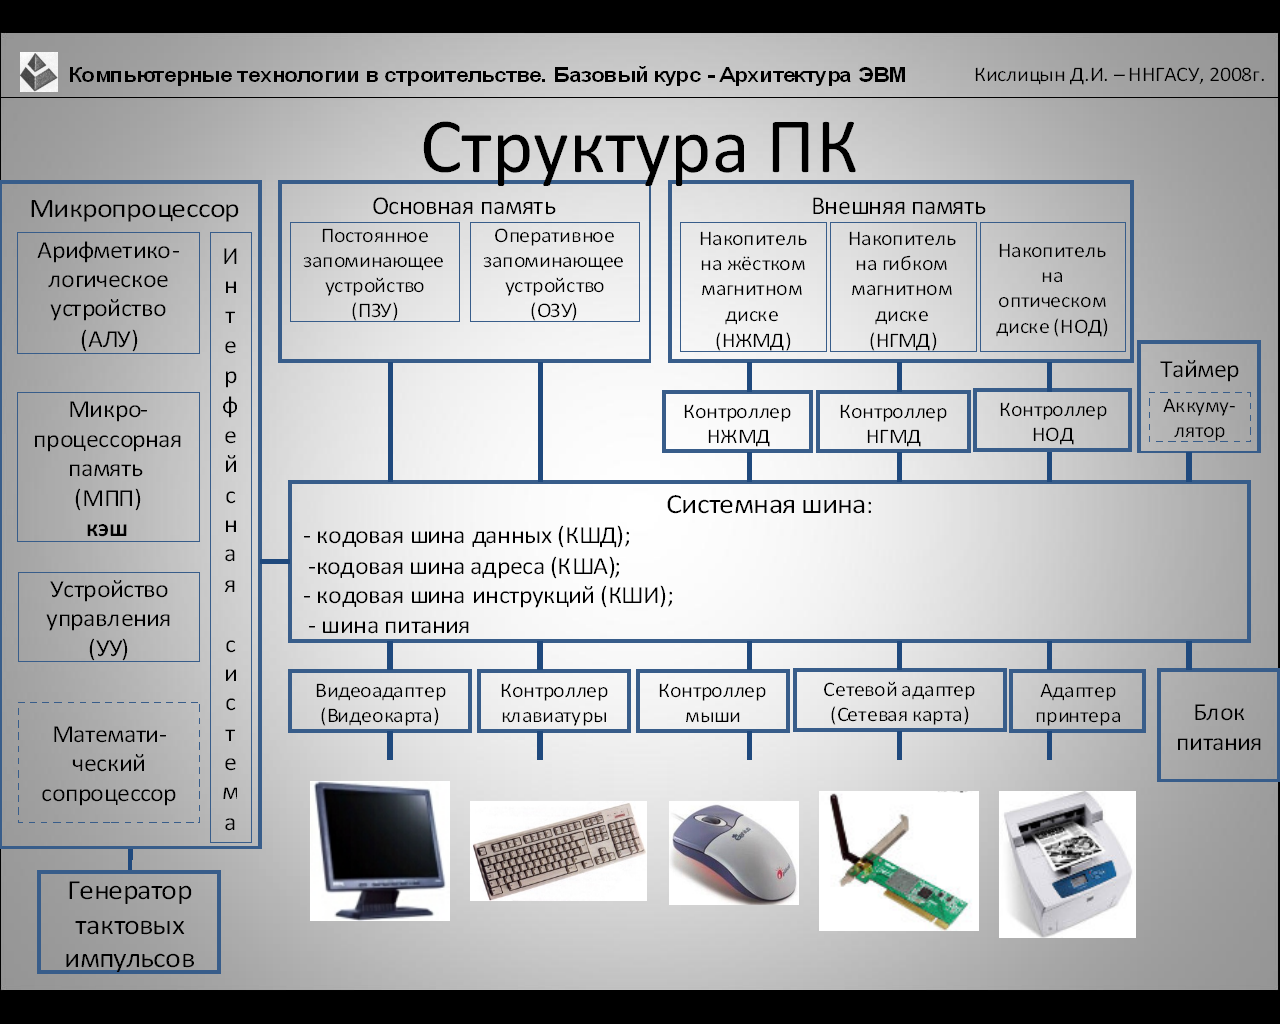 Как выбрать микроконтроллер и периферийные устройства под задачу